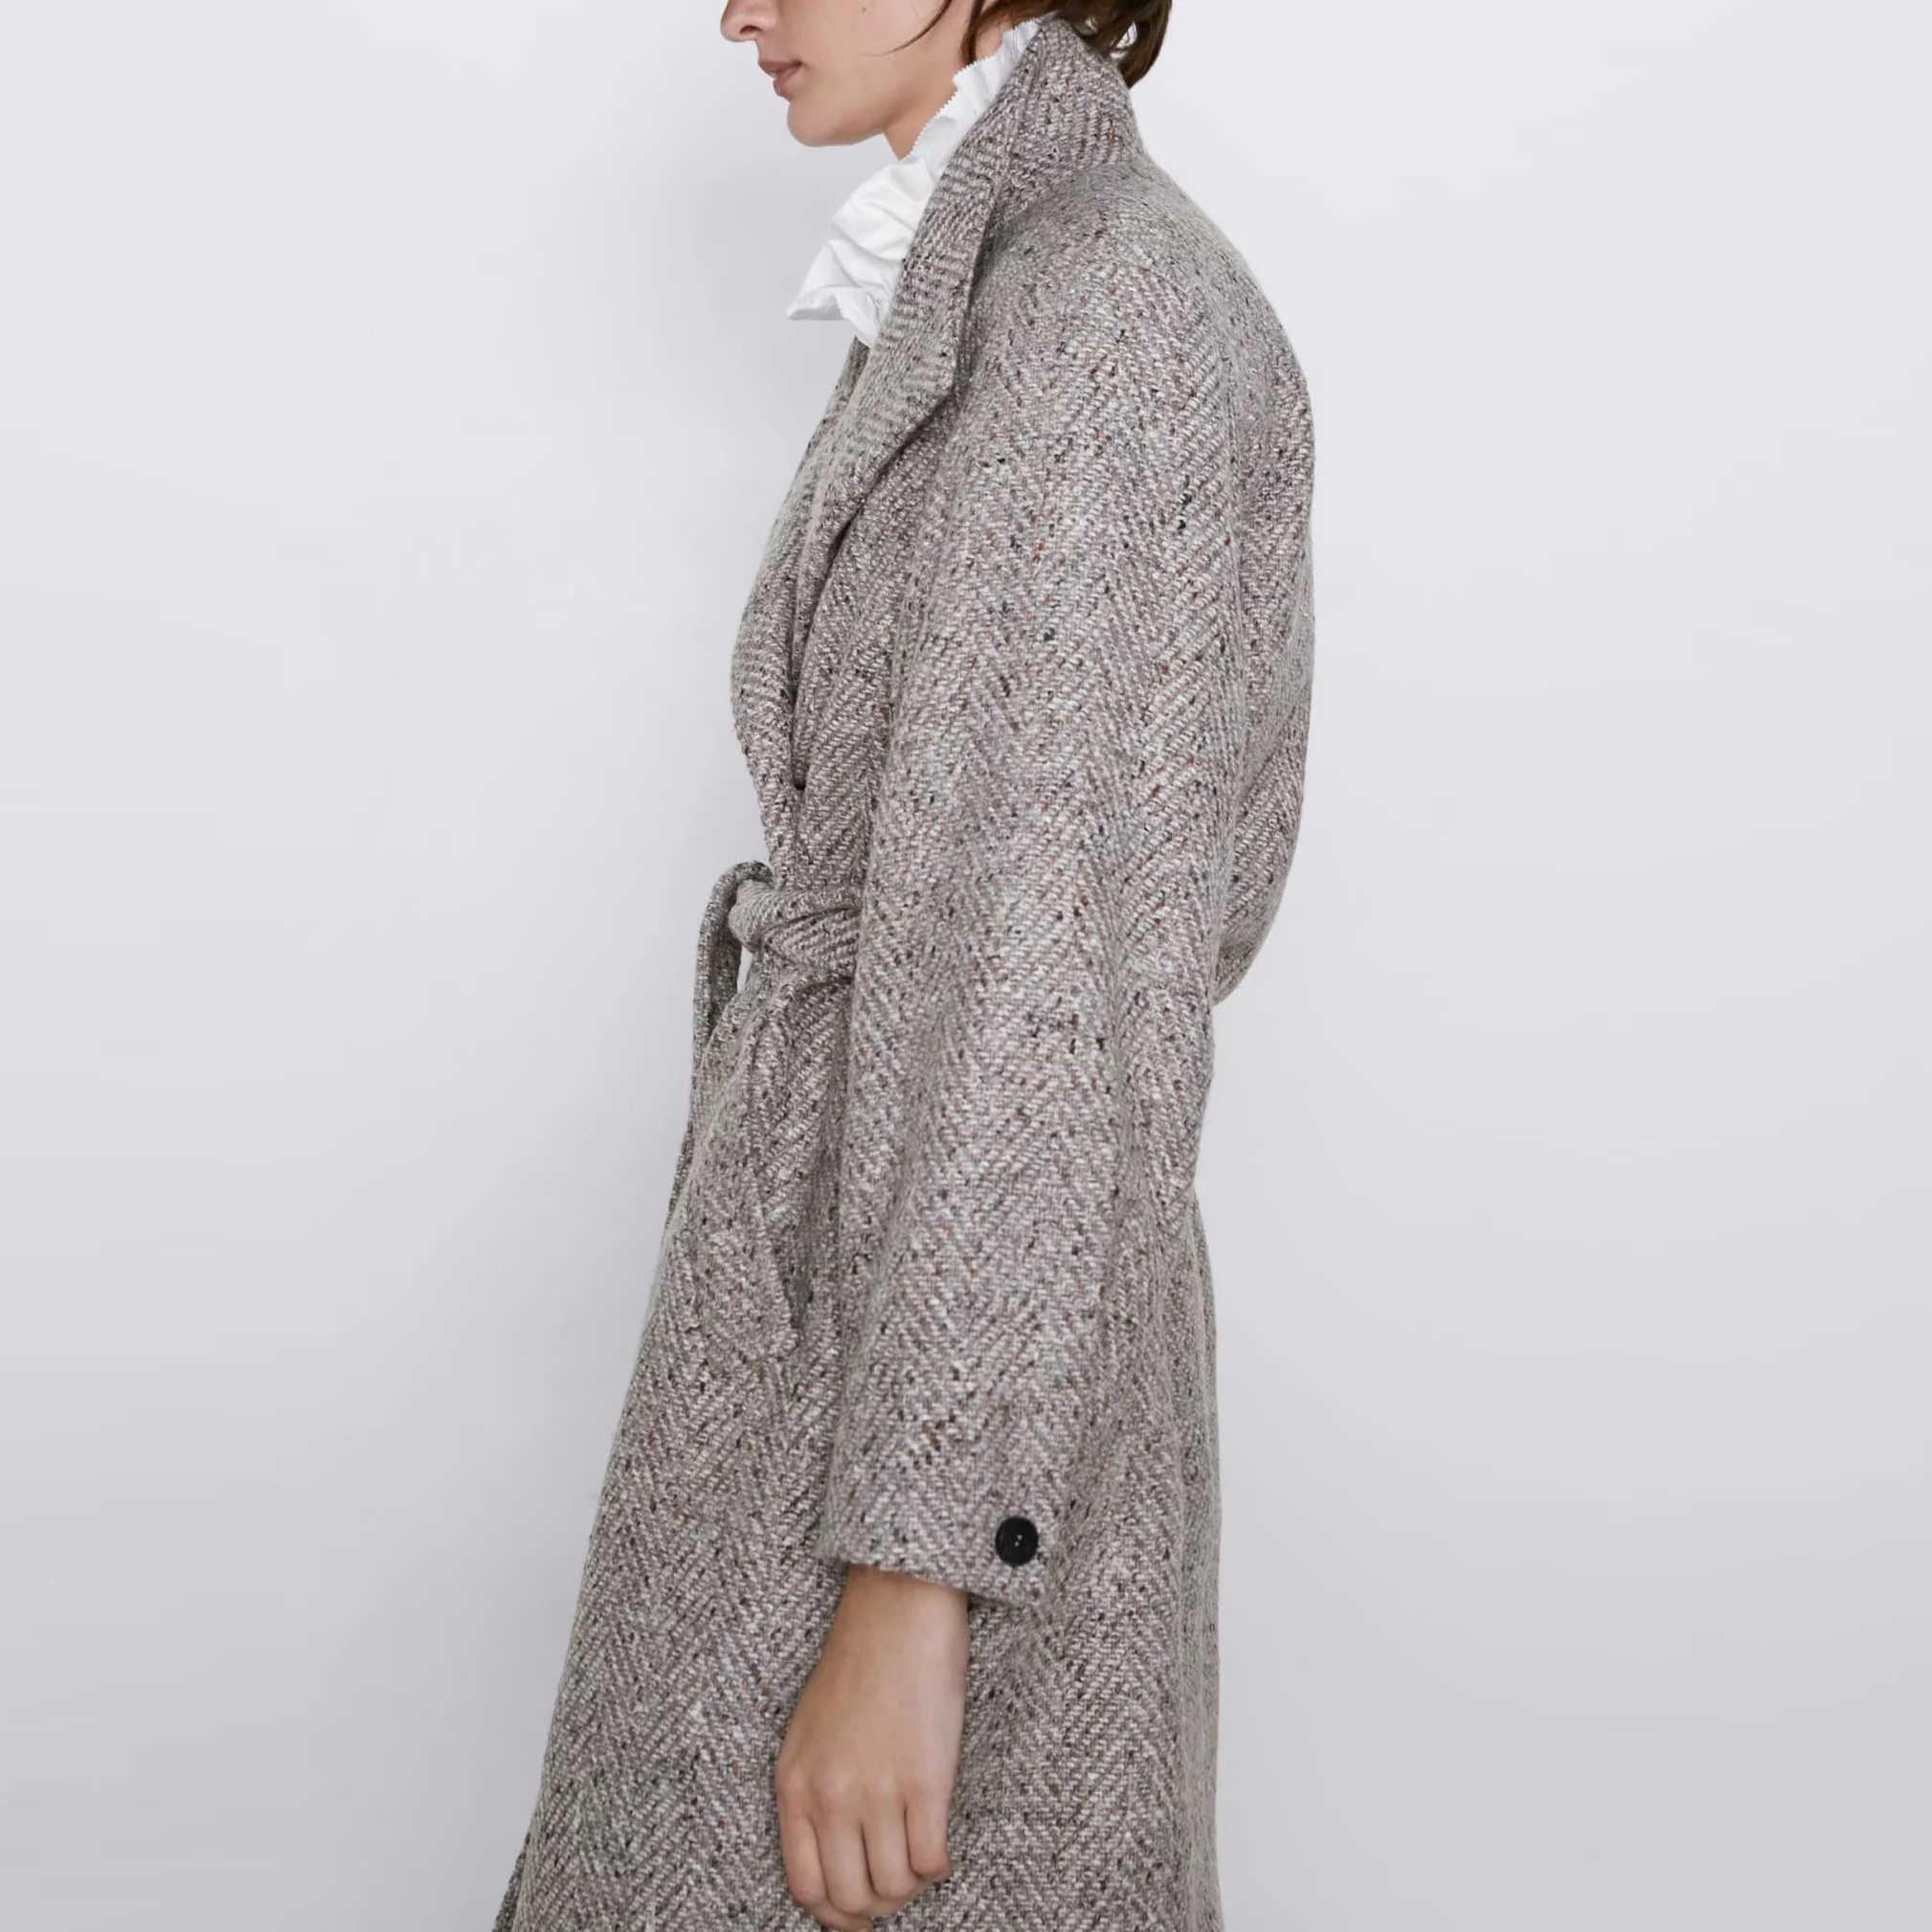 Za outono inverno lã tweed casaco feminino grosso gola alta sólida faixas casual feminino blusão outerwear lã trench feminino